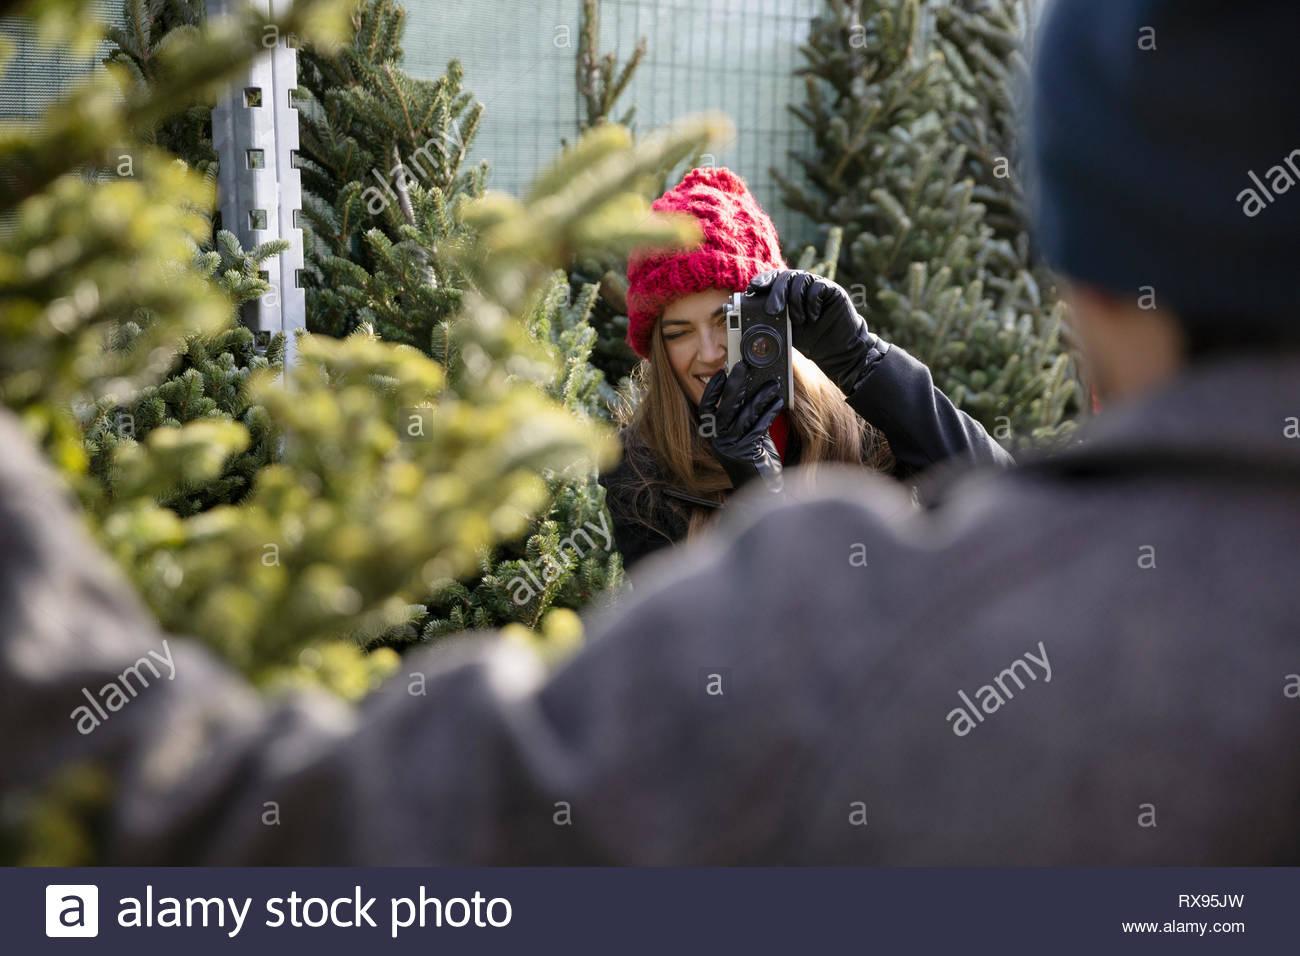 Mujer con la cámara fotografiando novio con árbol de Navidad en el mercadillo de navidad Imagen De Stock